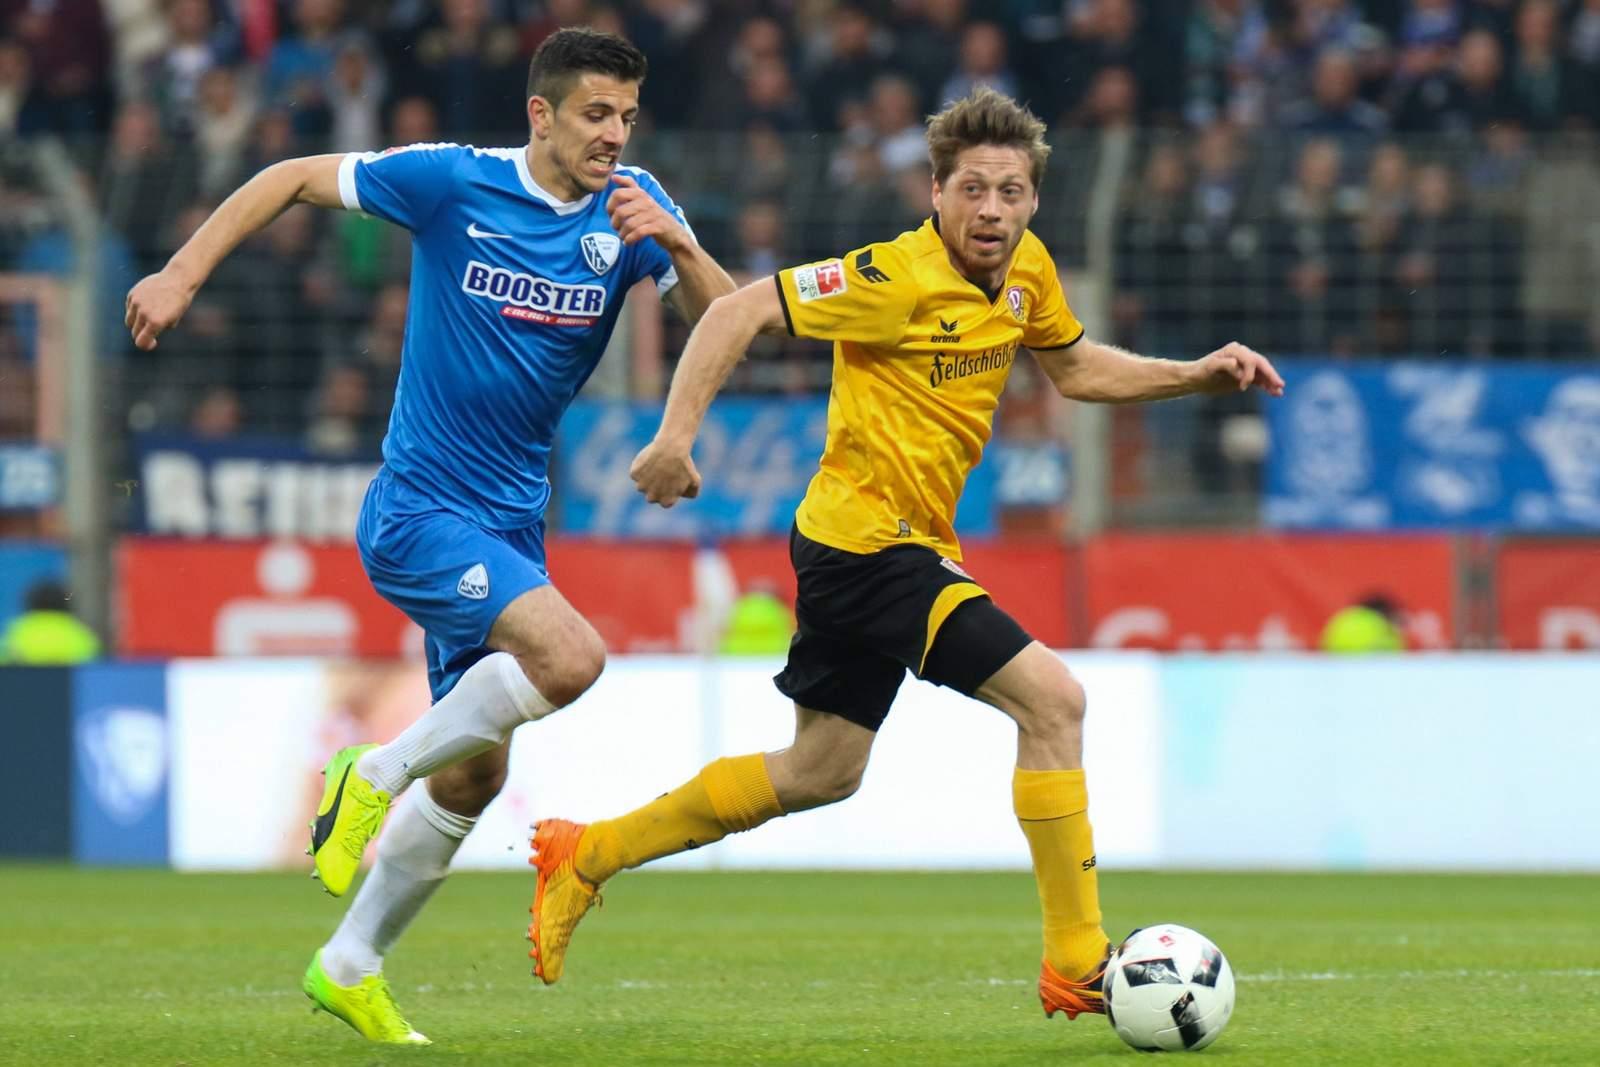 Setzt sich Losilla gegen Lumpi durch? Jetzt auf VfL Bochum gegen Dynamo Dresden wetten